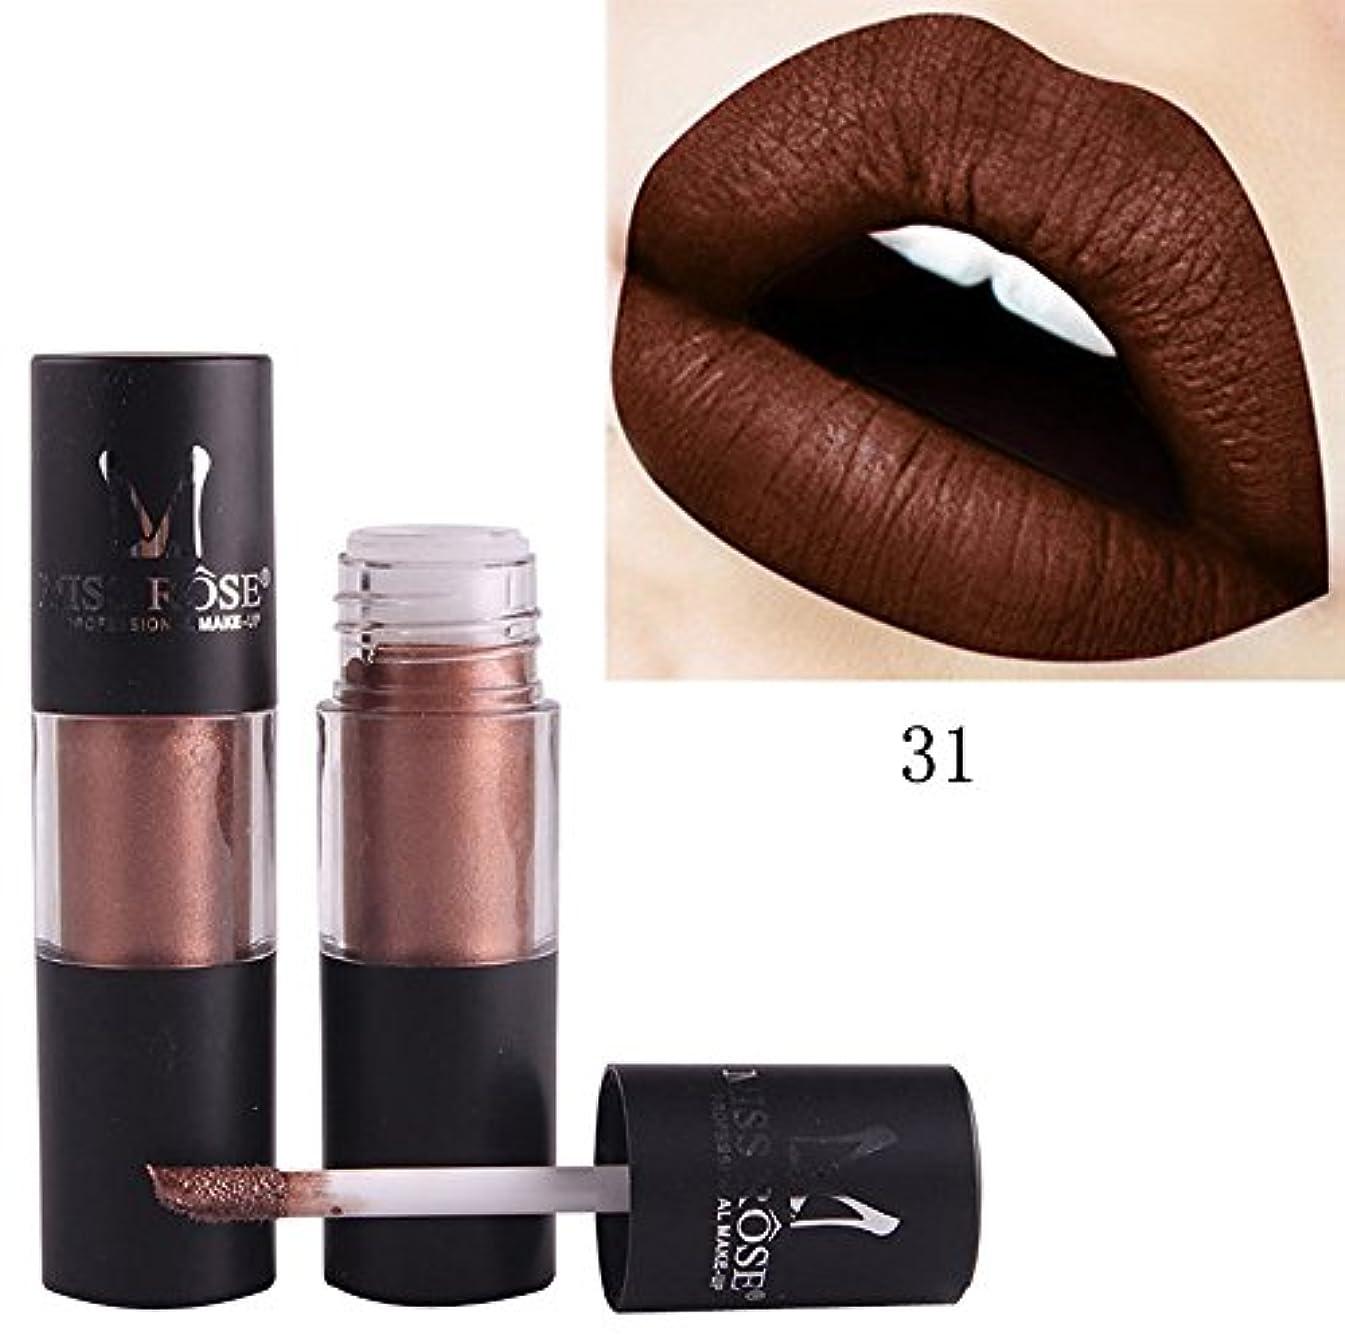 科学物理学者依存する口紅 リップグレーズ 液体 リップバーム メタリック 無光沢 リップスティック リキッド 化粧品 美容 リップクリーム つや消し メイク 唇に塗っっていつもよりセクシー魅力を与えるルージュhuajuan (G)